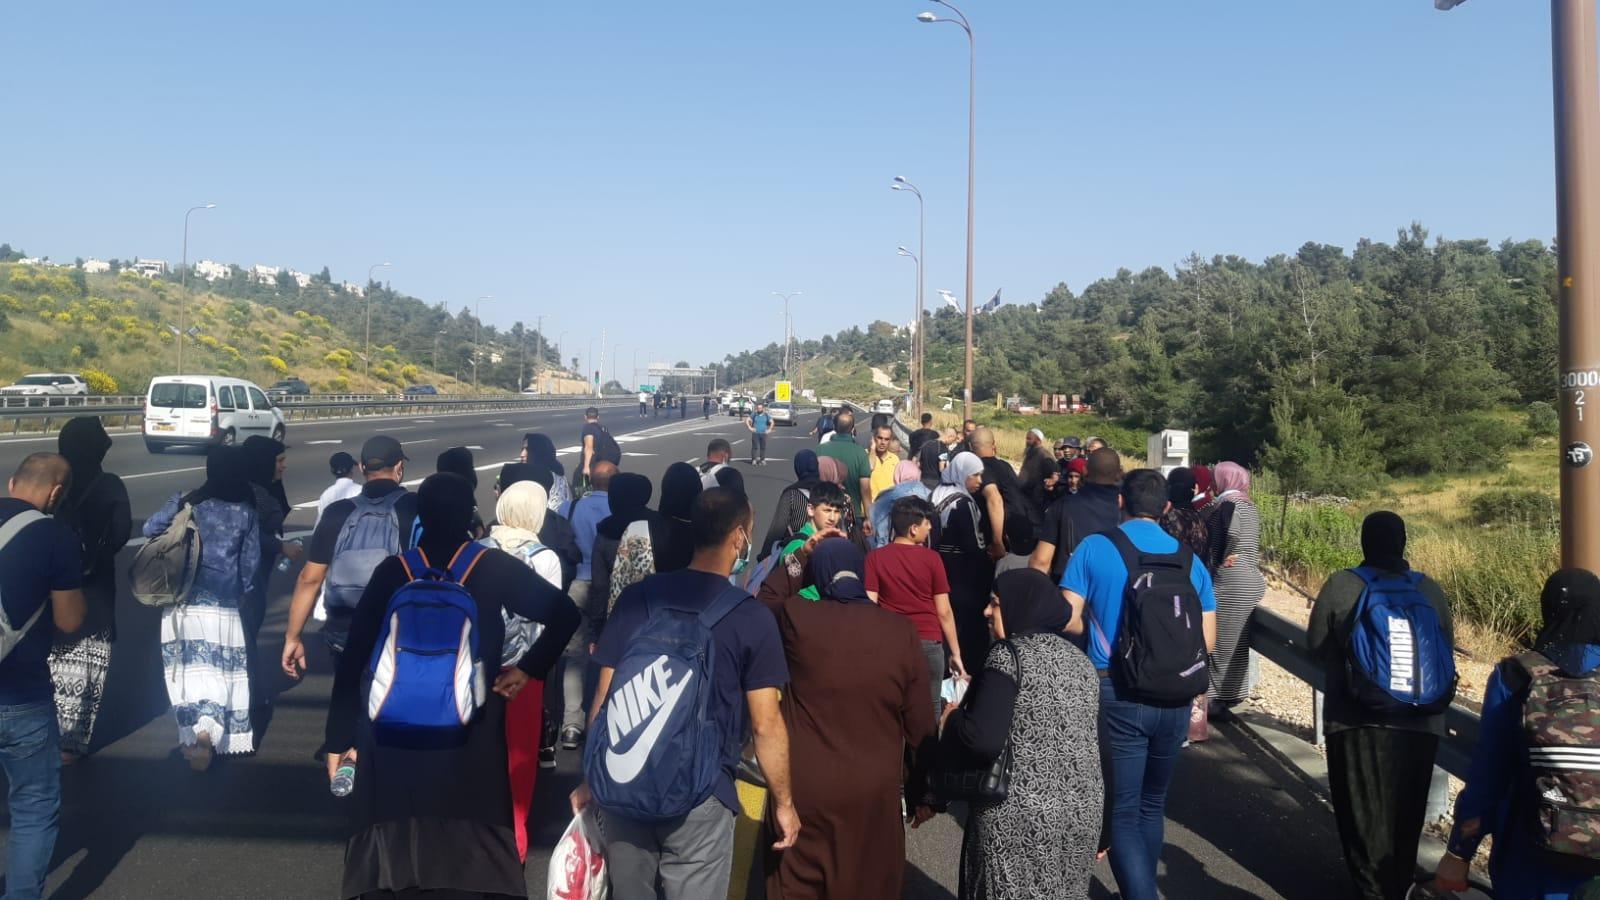 الشرطة تتراجع: فتح الطريق أمام حافلات المتوجهين إلى المسجد الأقصى